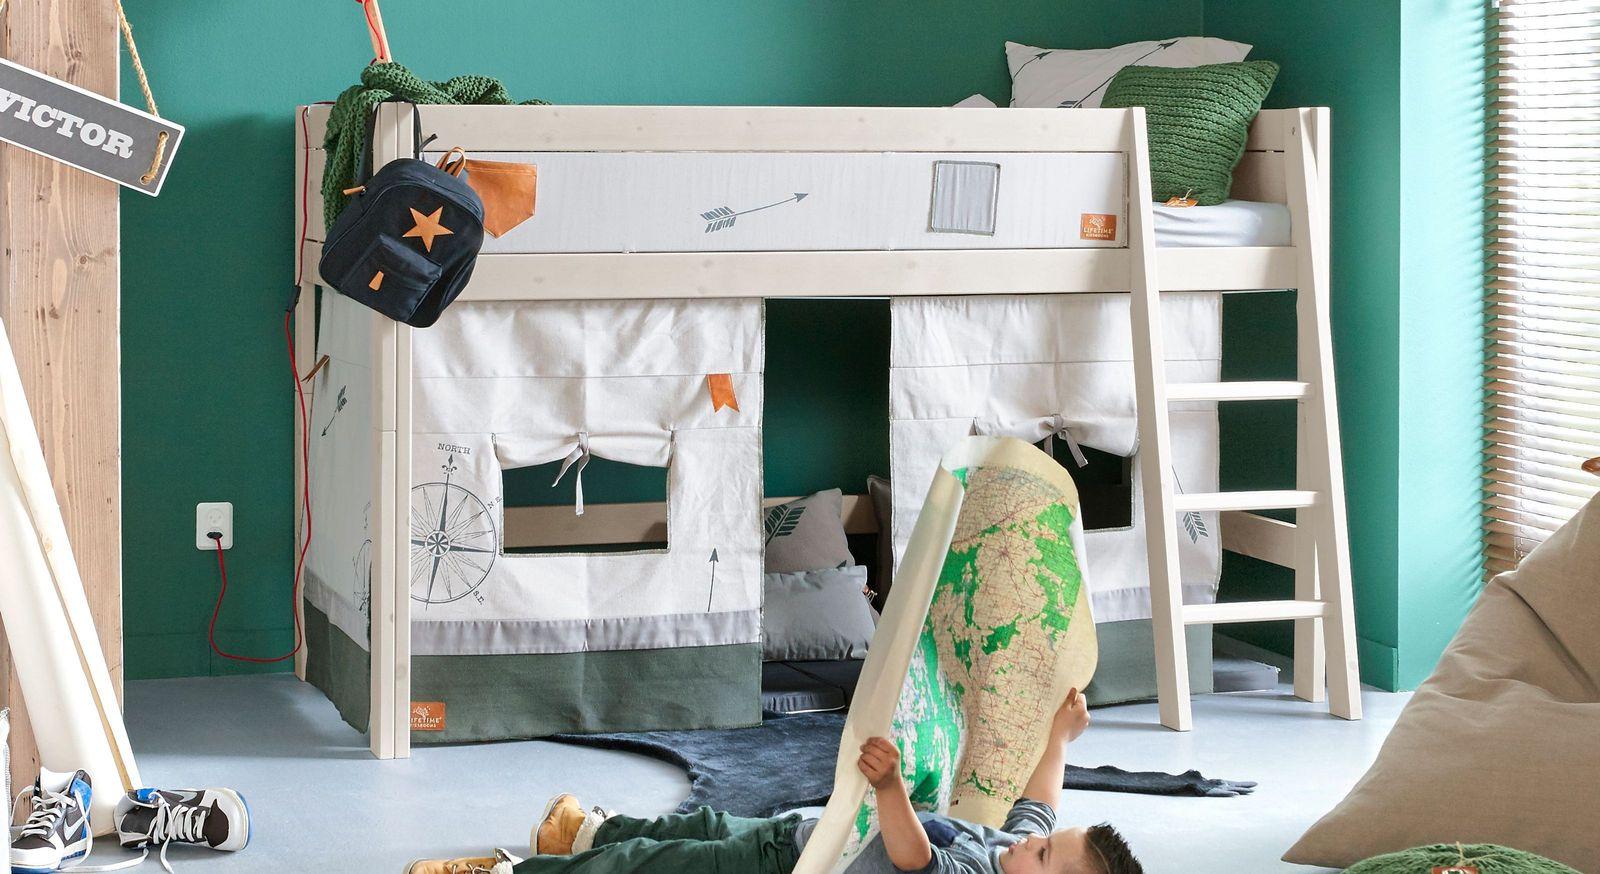 Full Size of Lifetime Midi Hochbett Aus Massiver Kiefer Mit Leiter Survival Wohnwert Betten Bett Günstig Kaufen Französische Bettkasten Amerikanische Jugend Aufbewahrung Bett Lifetime Bett